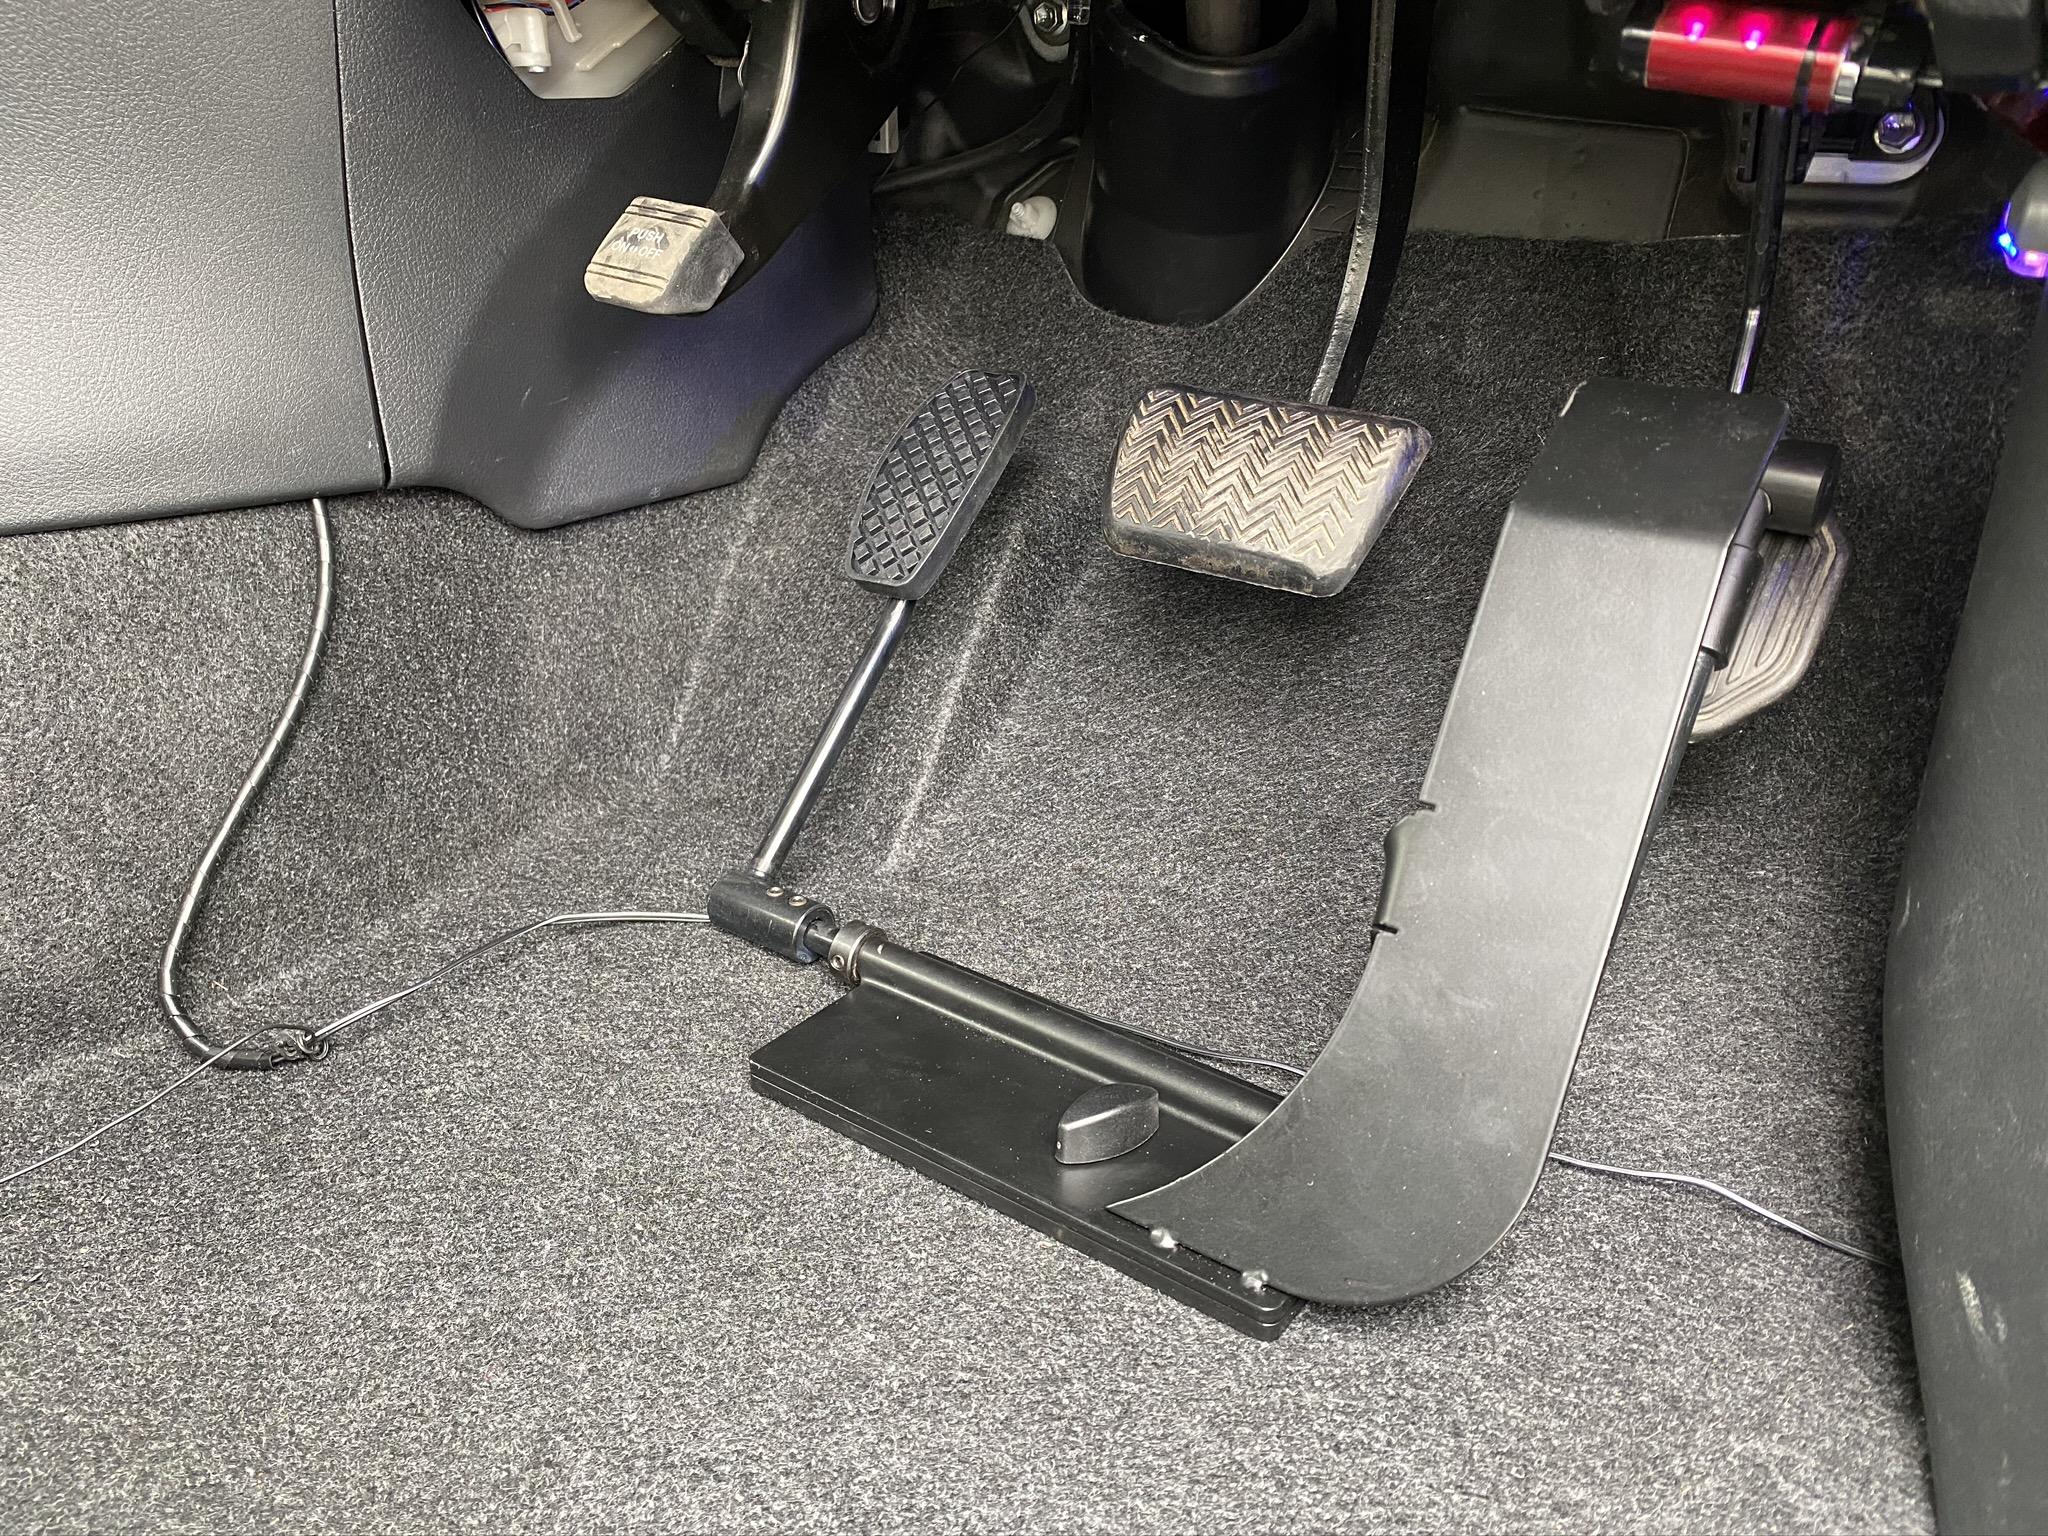 福祉車両改造 トヨタ ウィッシュ 左足アクセル 福祉車両への改造 ➂